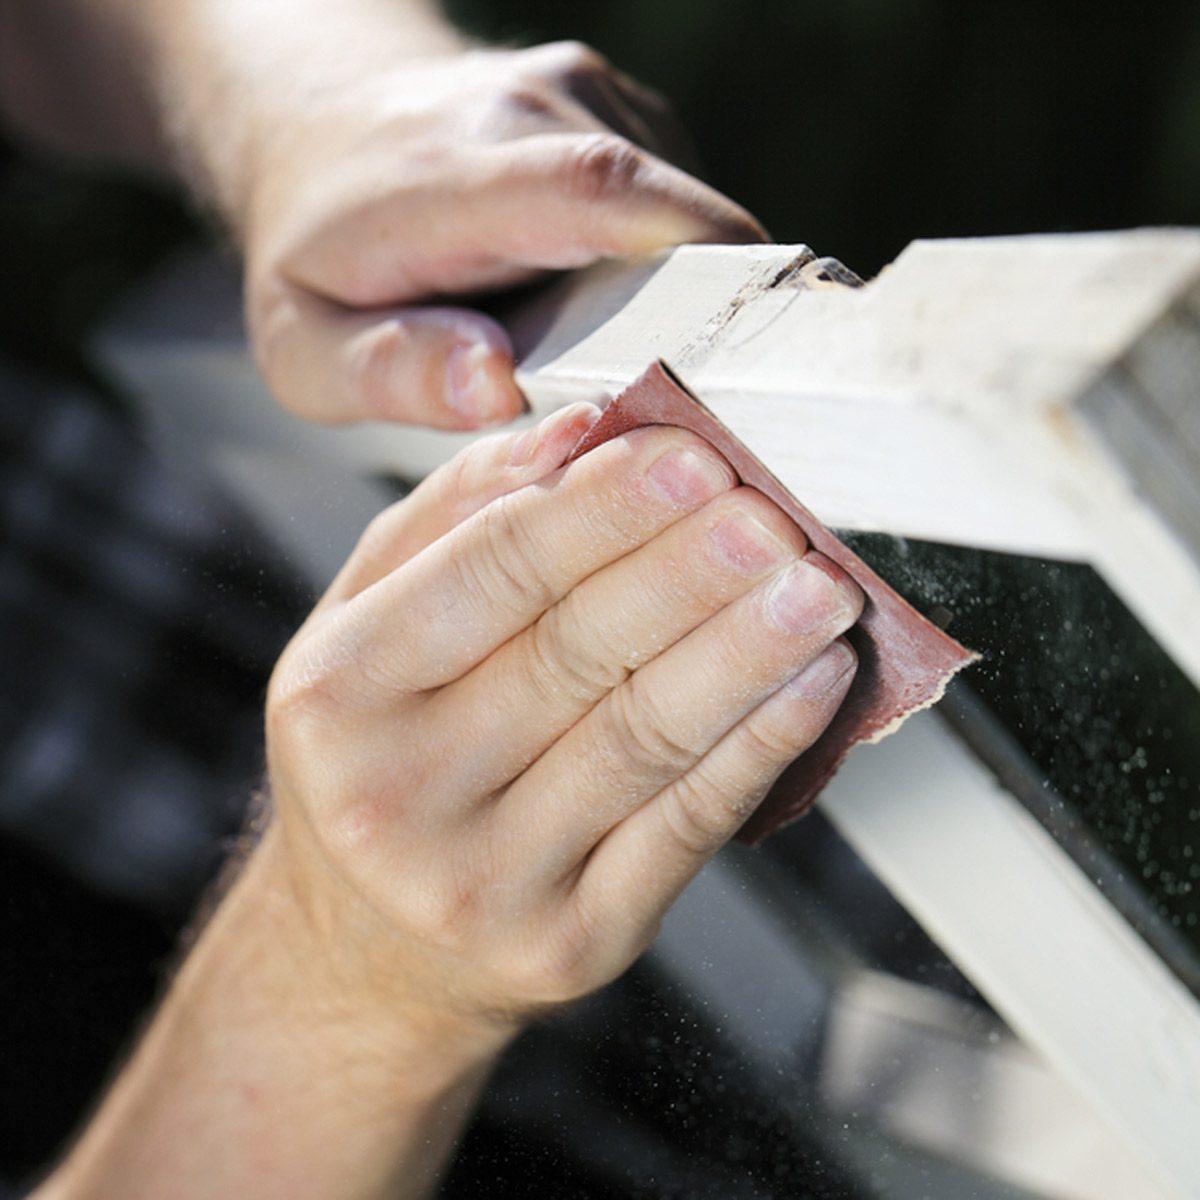 construction materials sanding thrift store